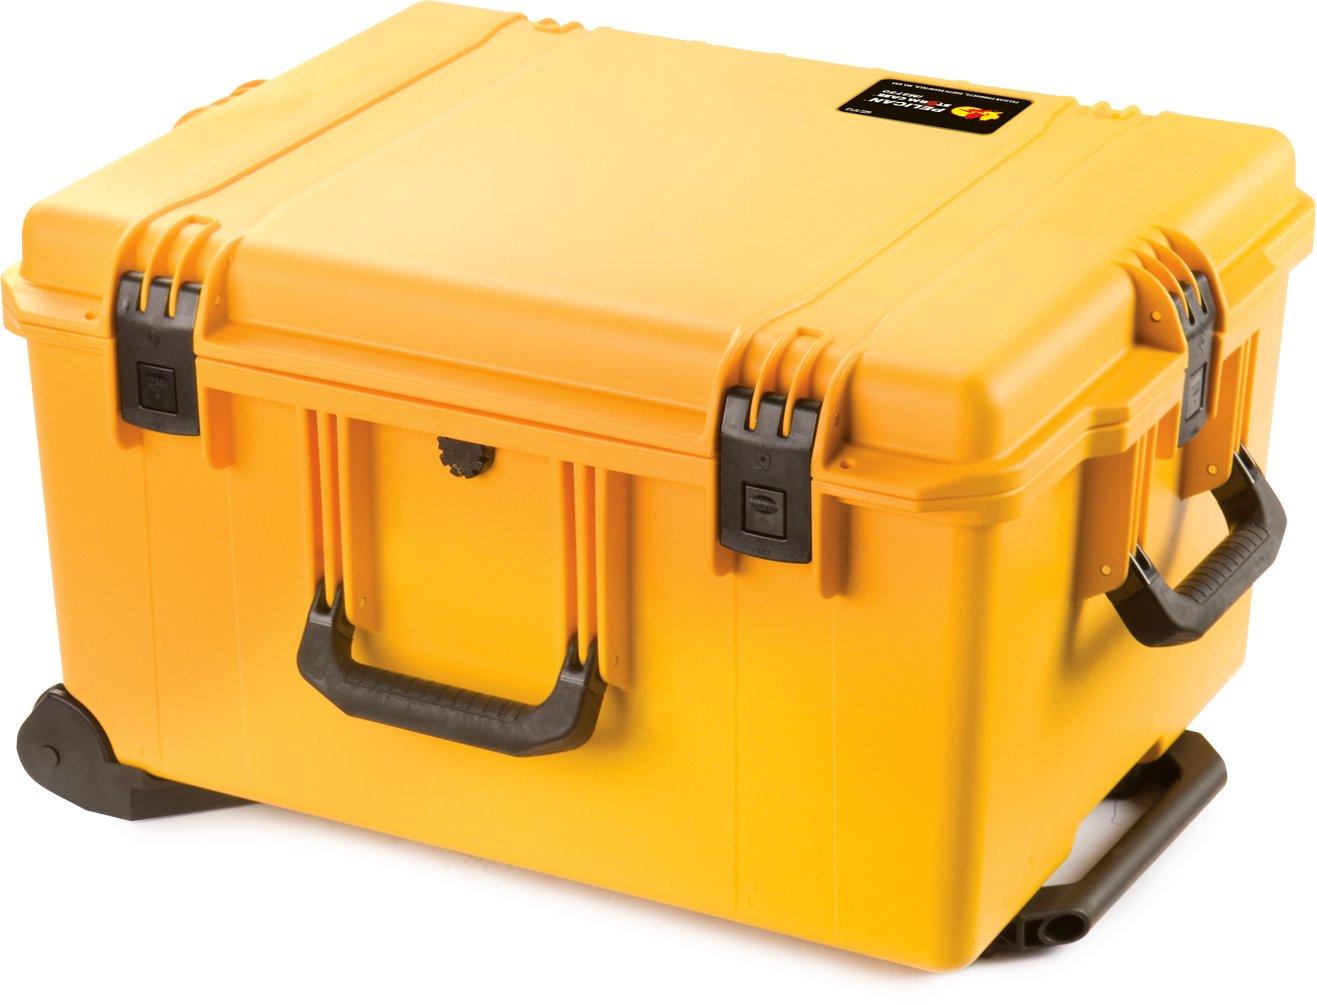 Pelican Storm Case iM2750 - No Foam - Yellow